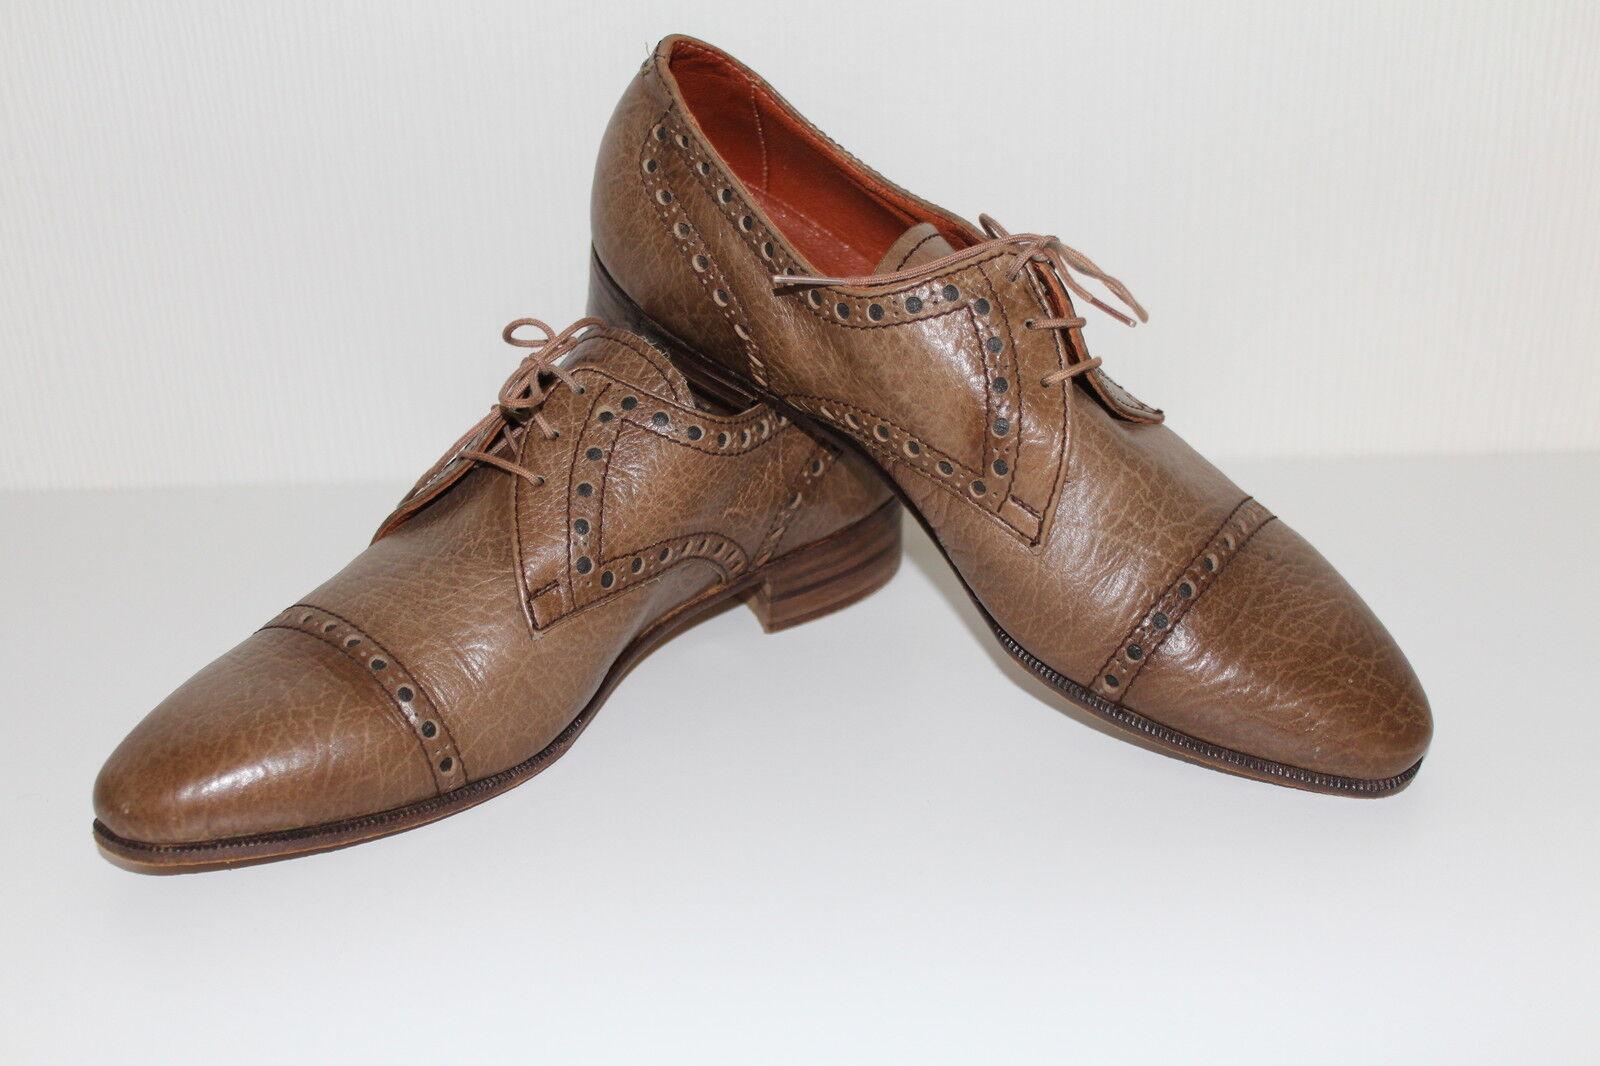 Vintage echt Leder Damen Budapester Schuhe 41 Leder Lace Up FLATS BROGUES 60er